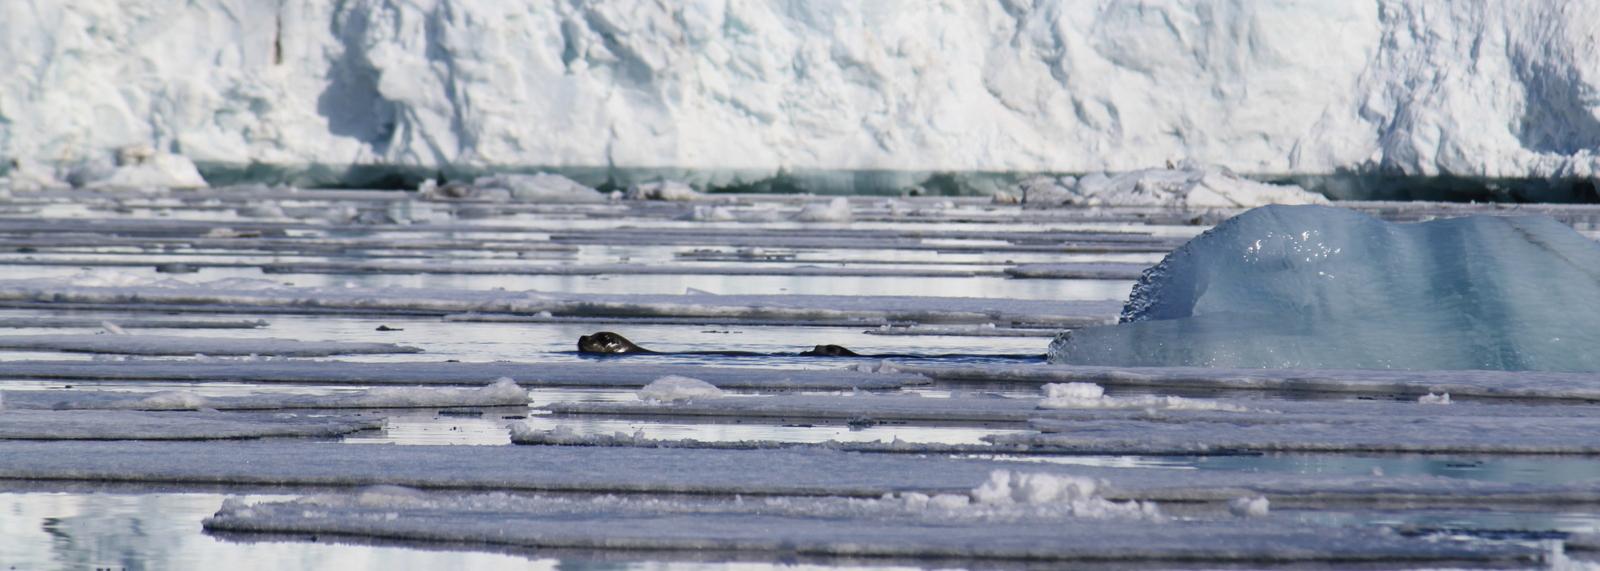 Hornsund, Bearded Seal